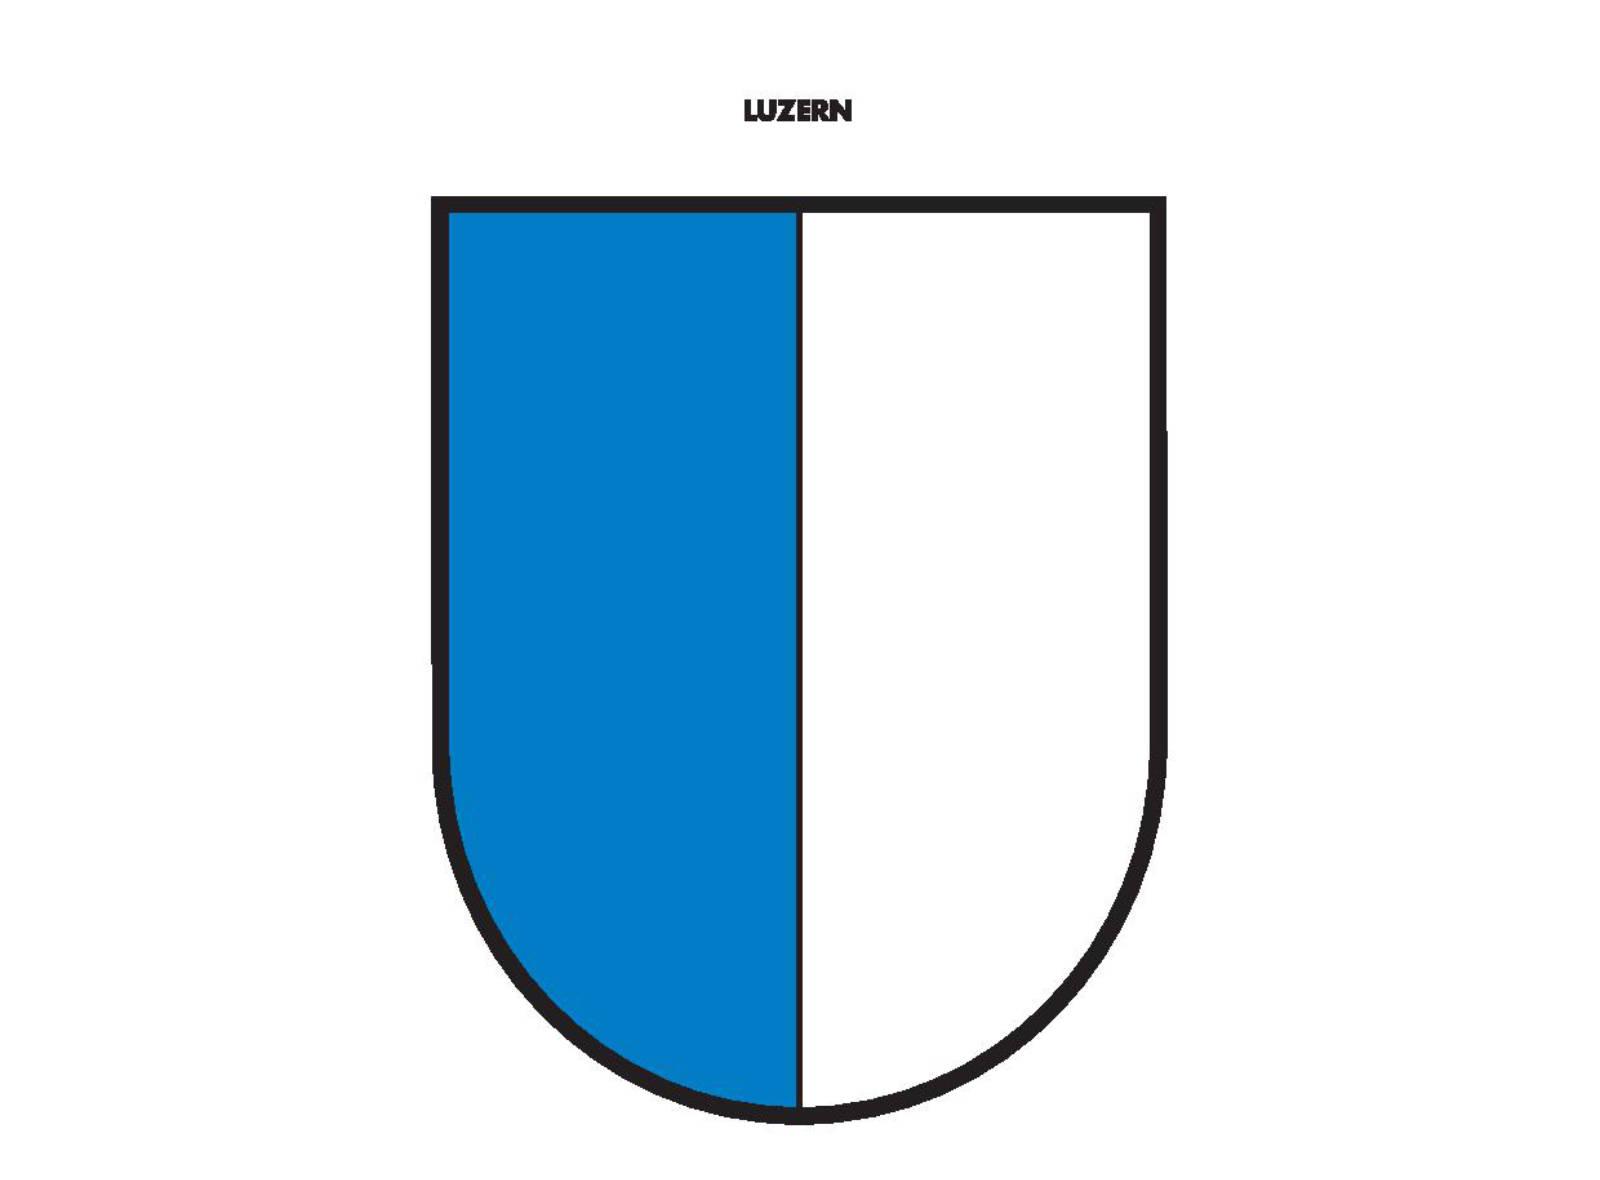 Schweizer Kantone – Luzern